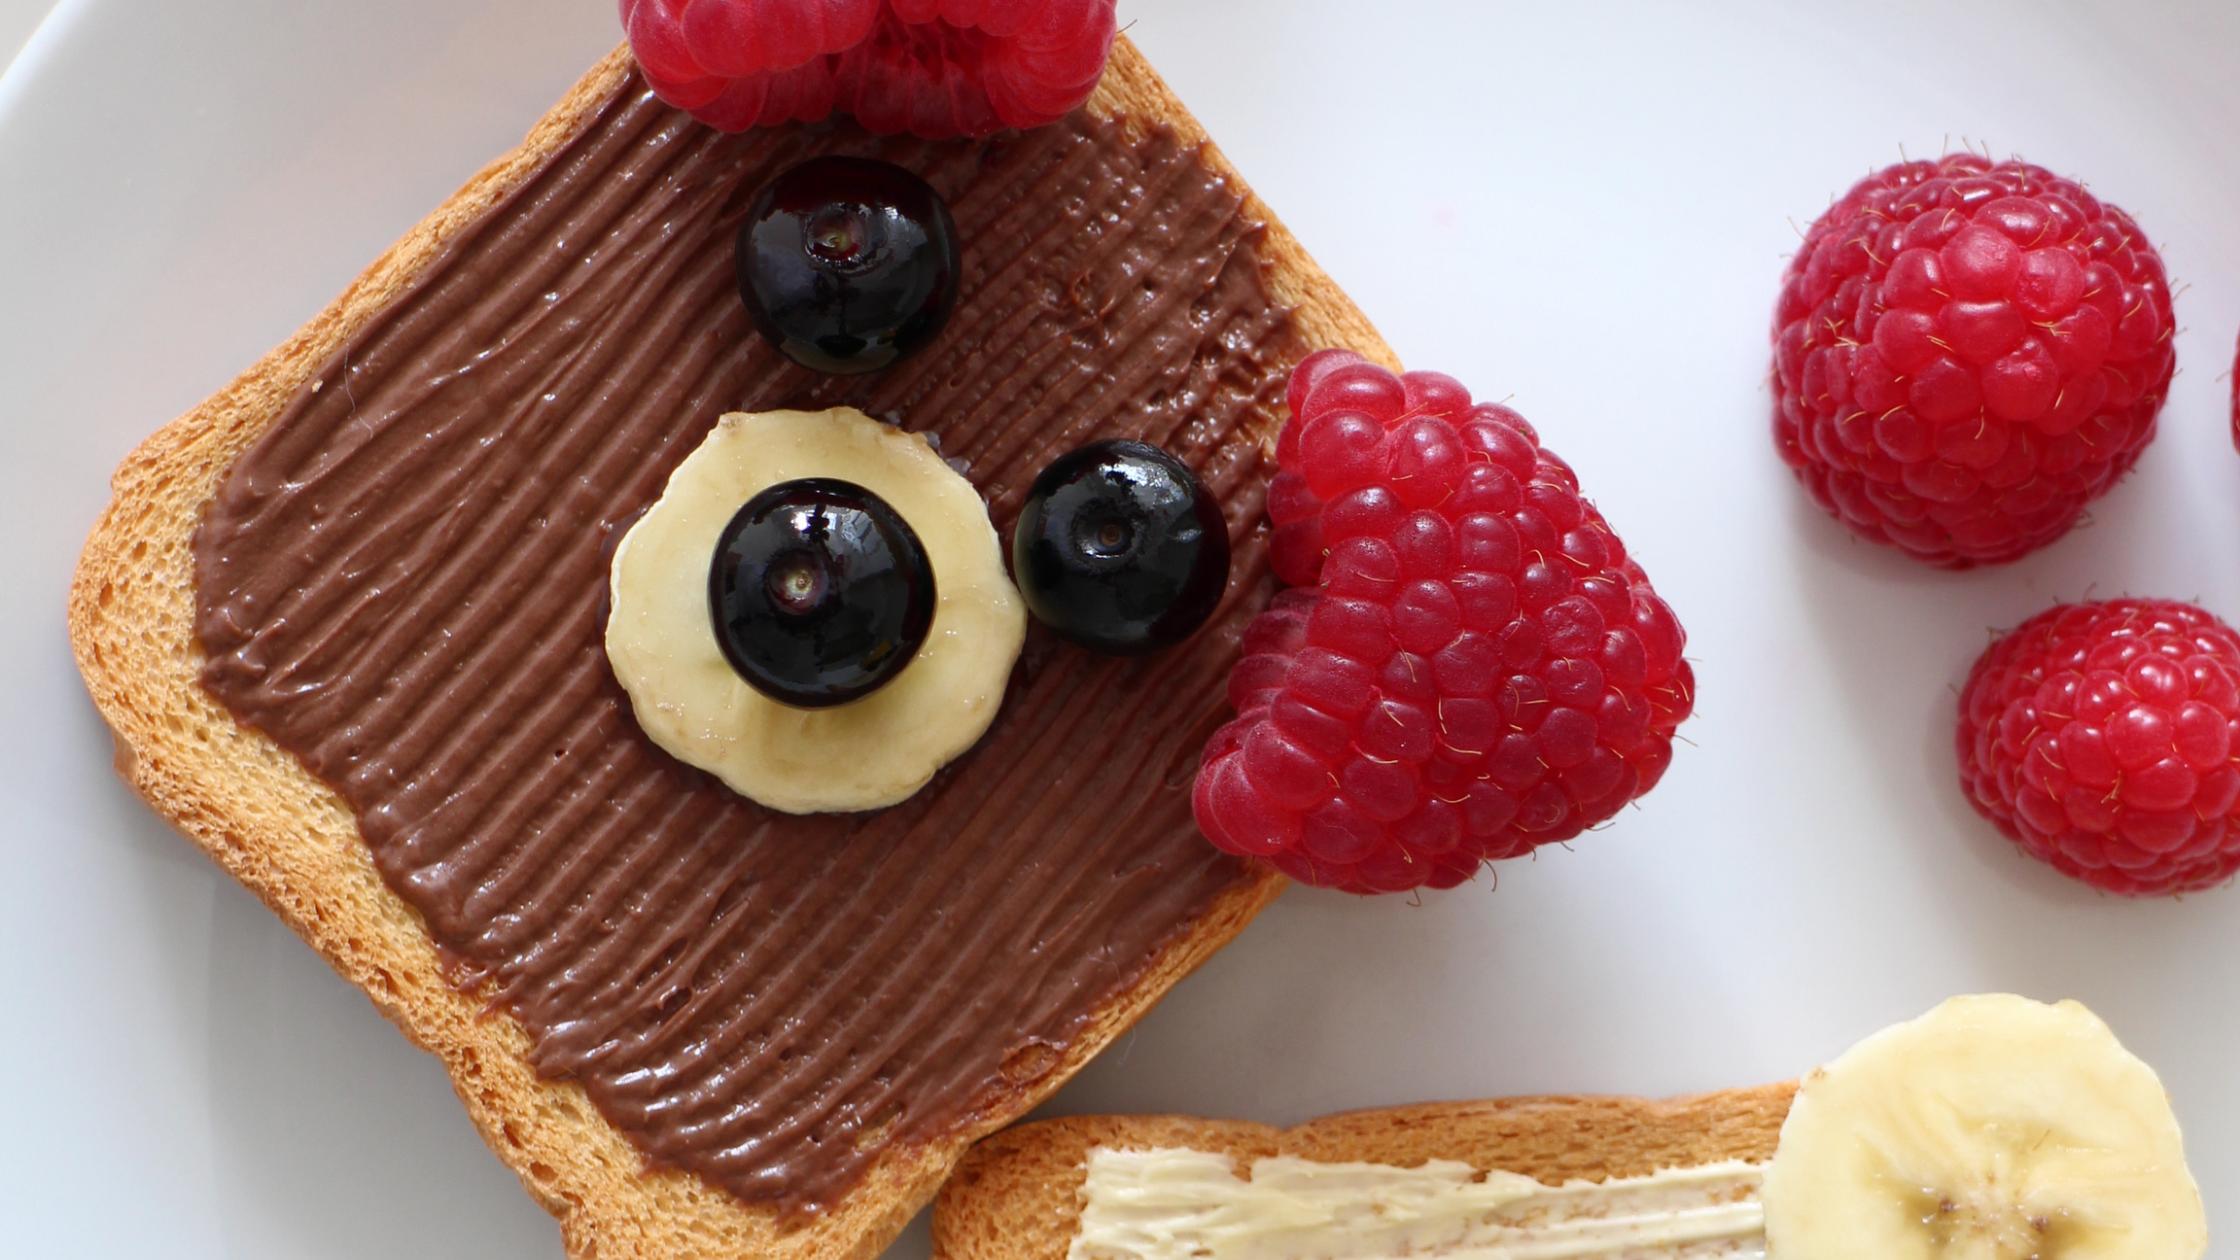 toast that looks like a teddy bear